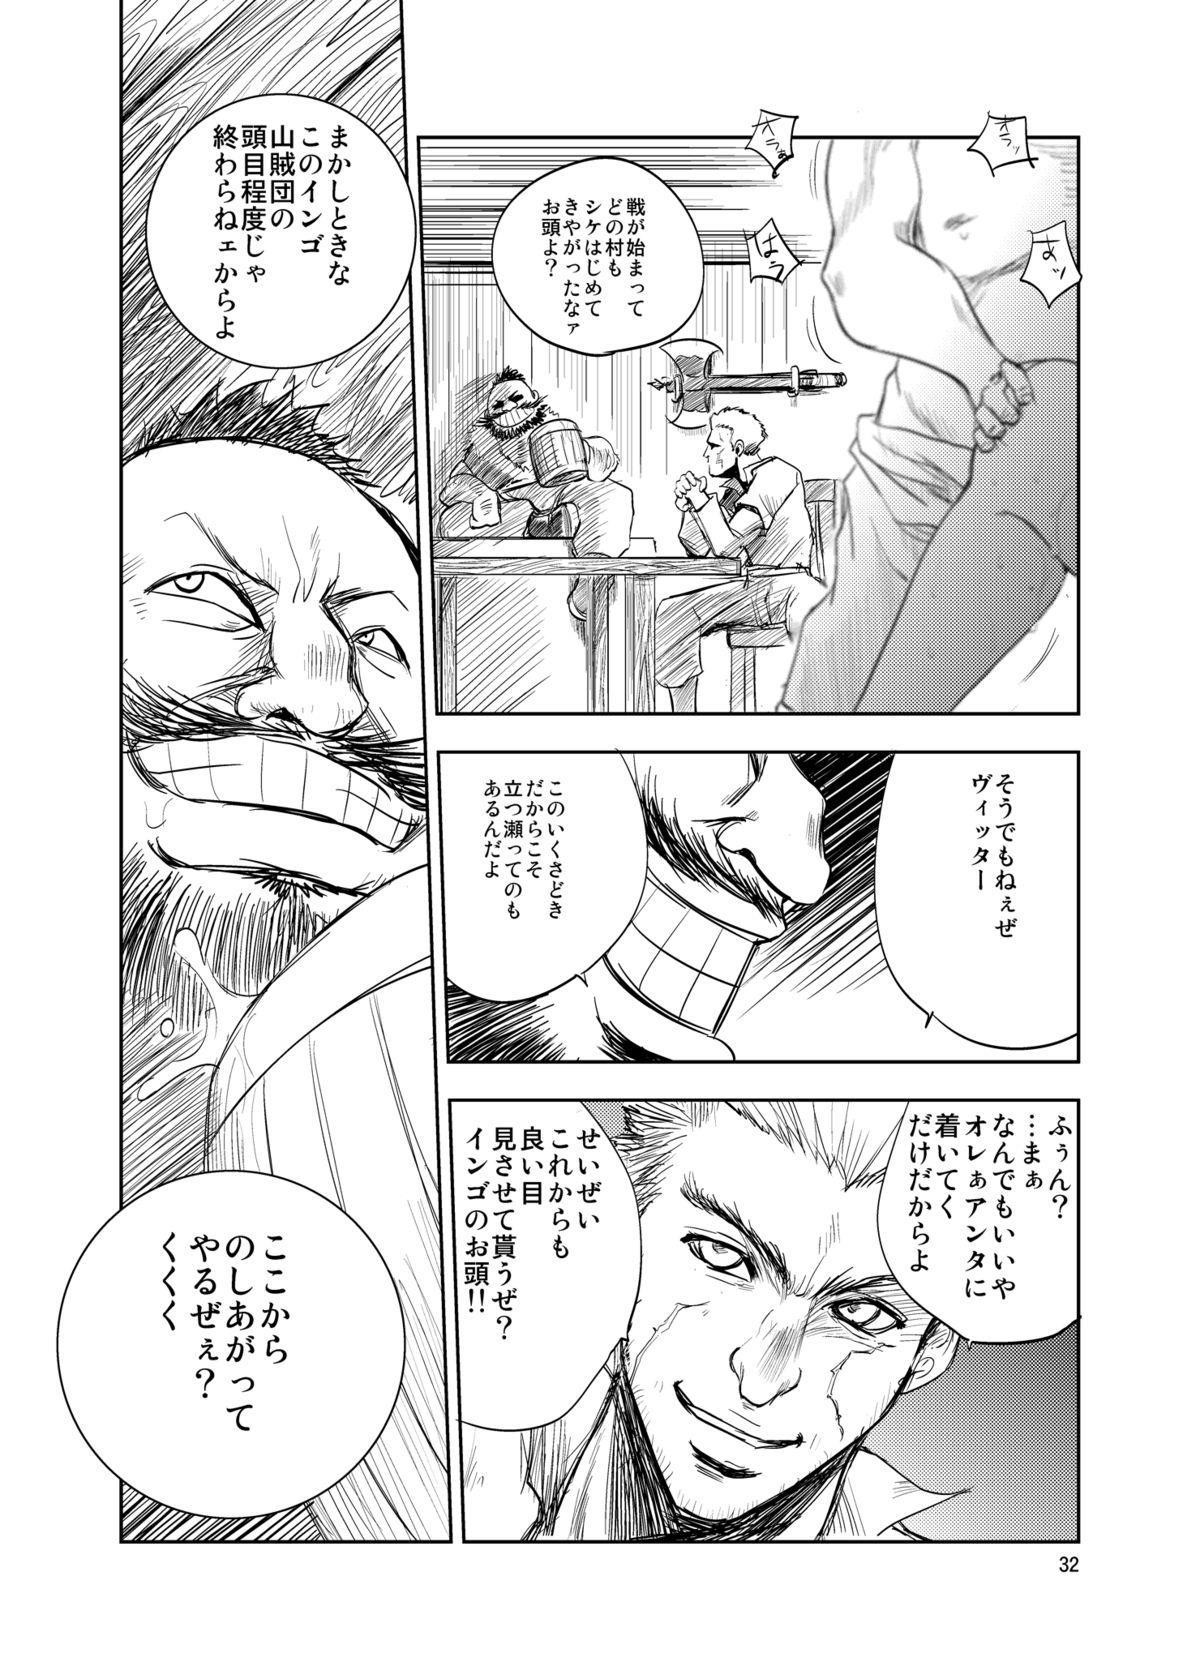 GRASSEN'S WAR ANOTHER STORY Ex #01 Node Shinkou I 31